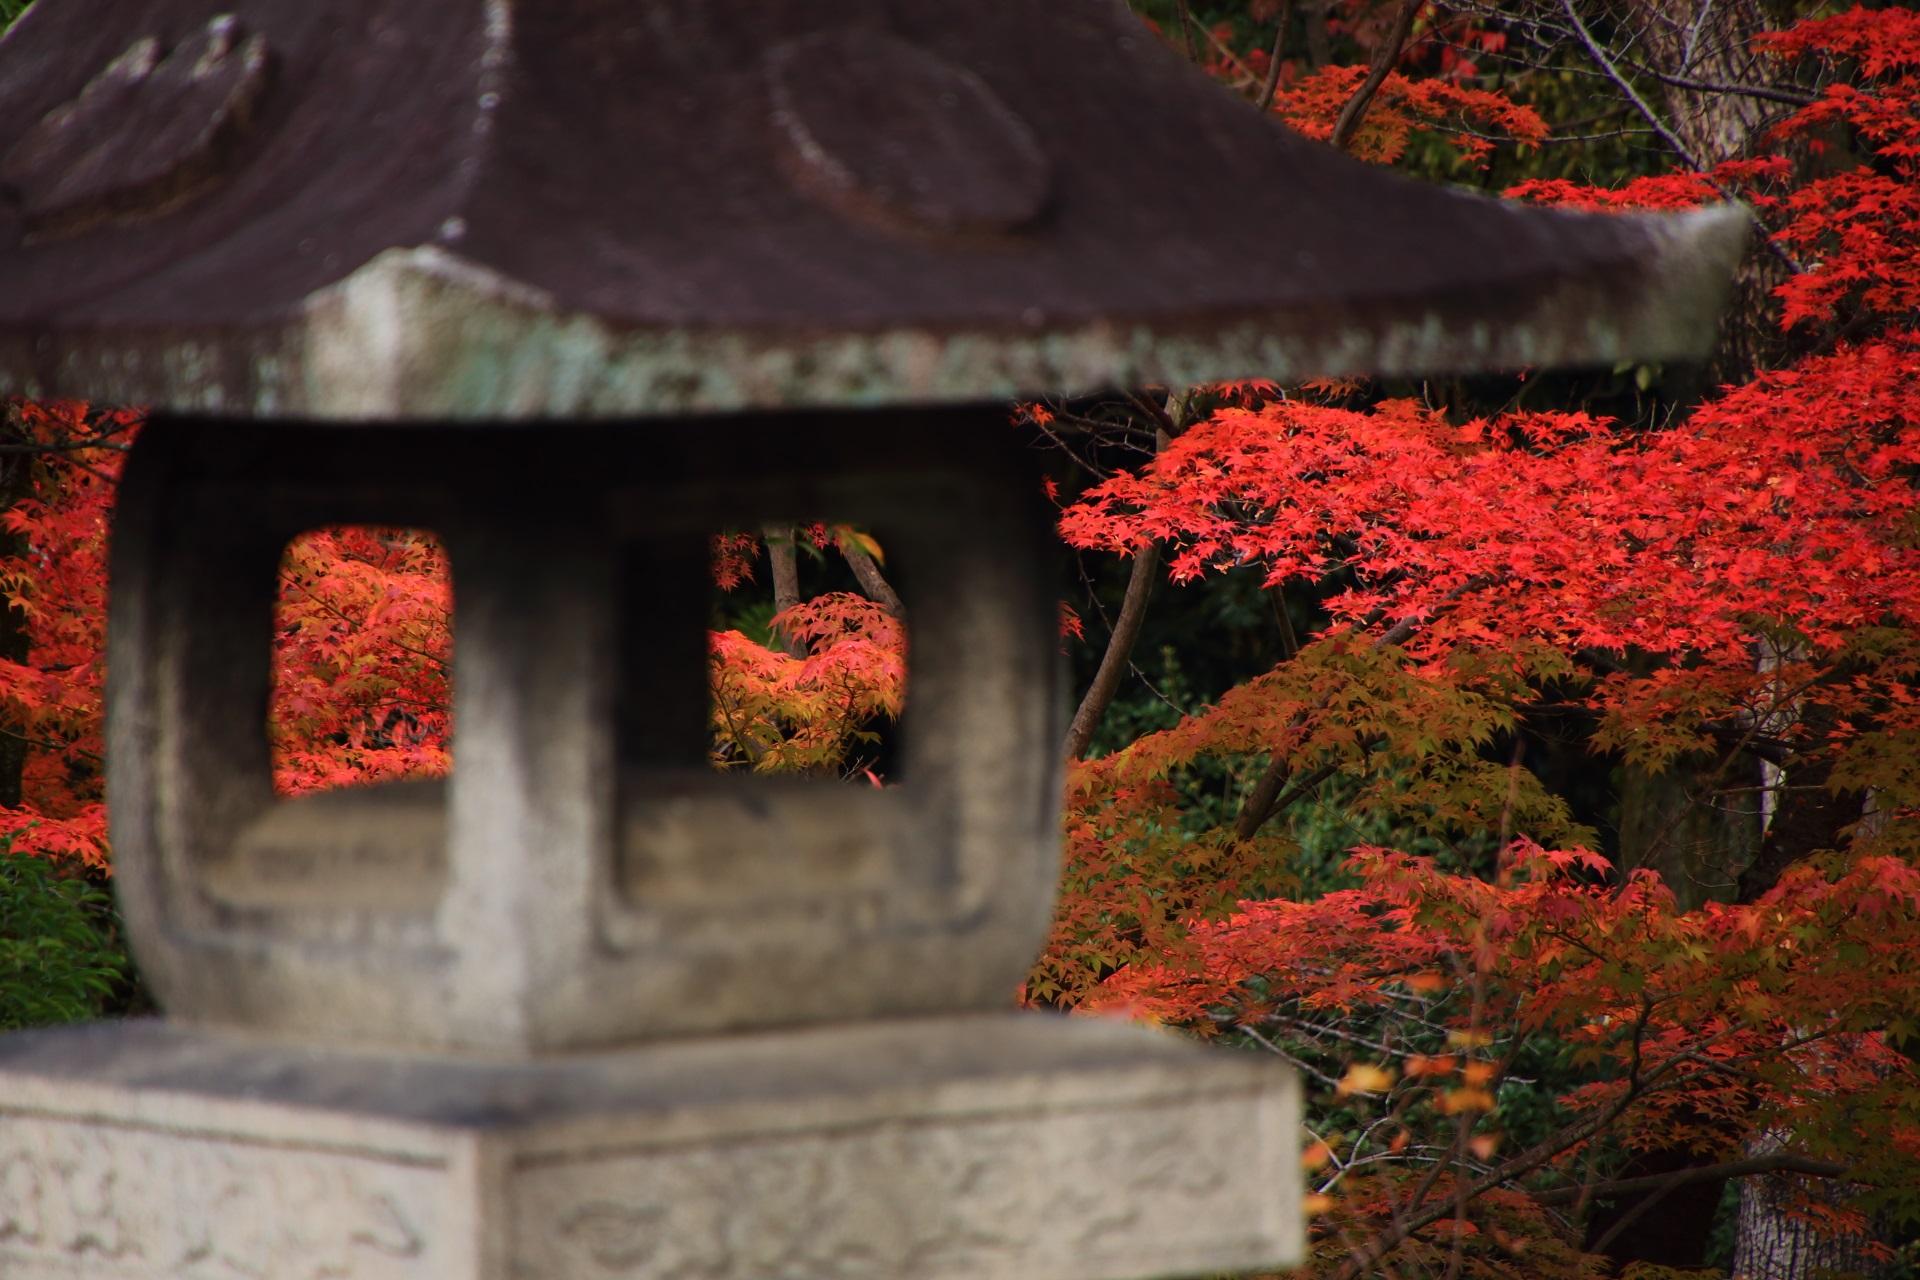 燈籠の向こうに見える大谷本廟の上品な秋色